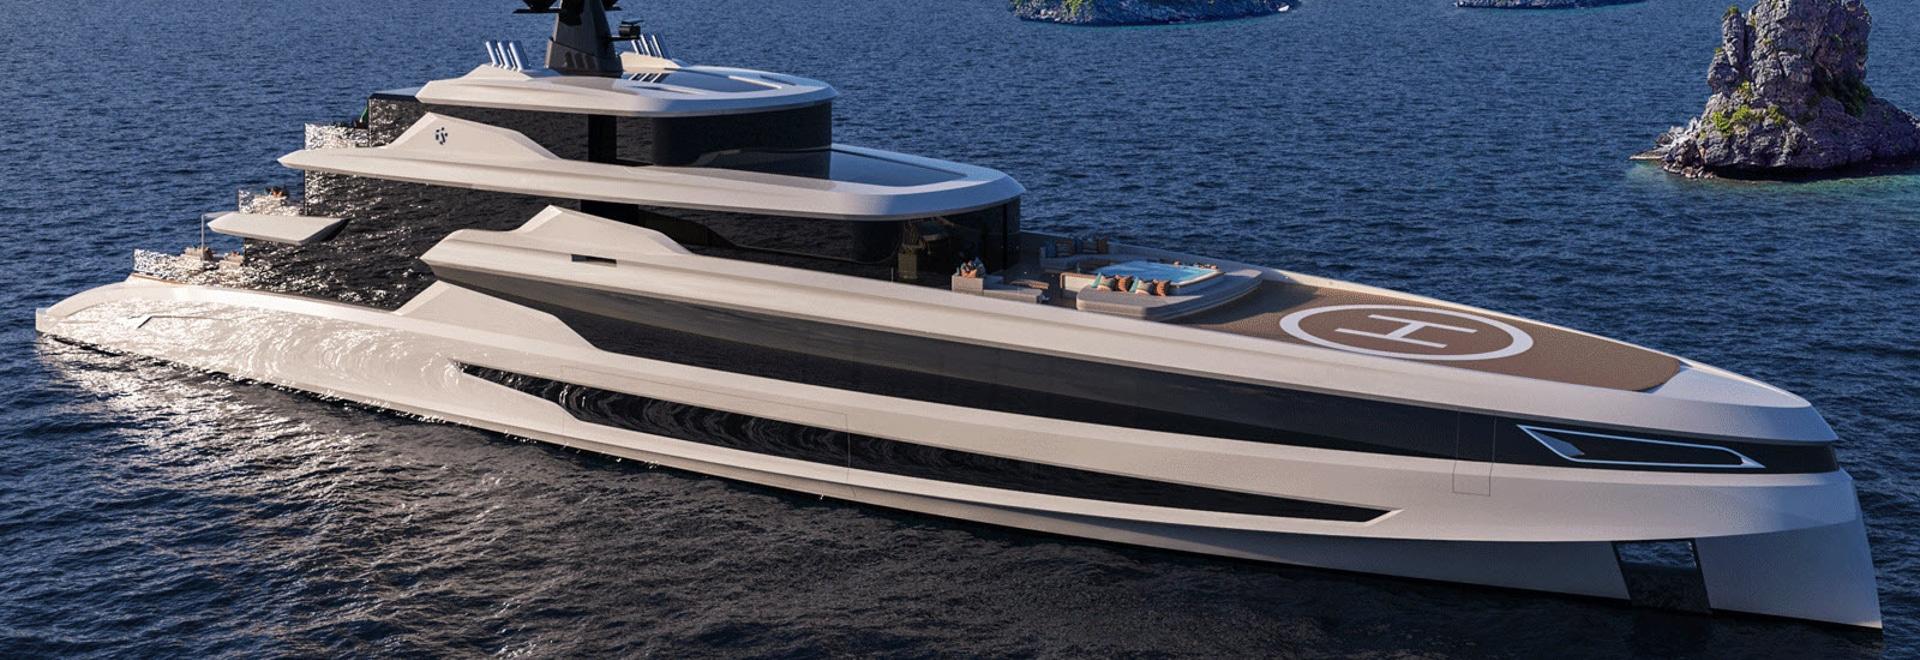 Fincantieri Yachts Reveals 70 Metre Superyacht Concept Blanche